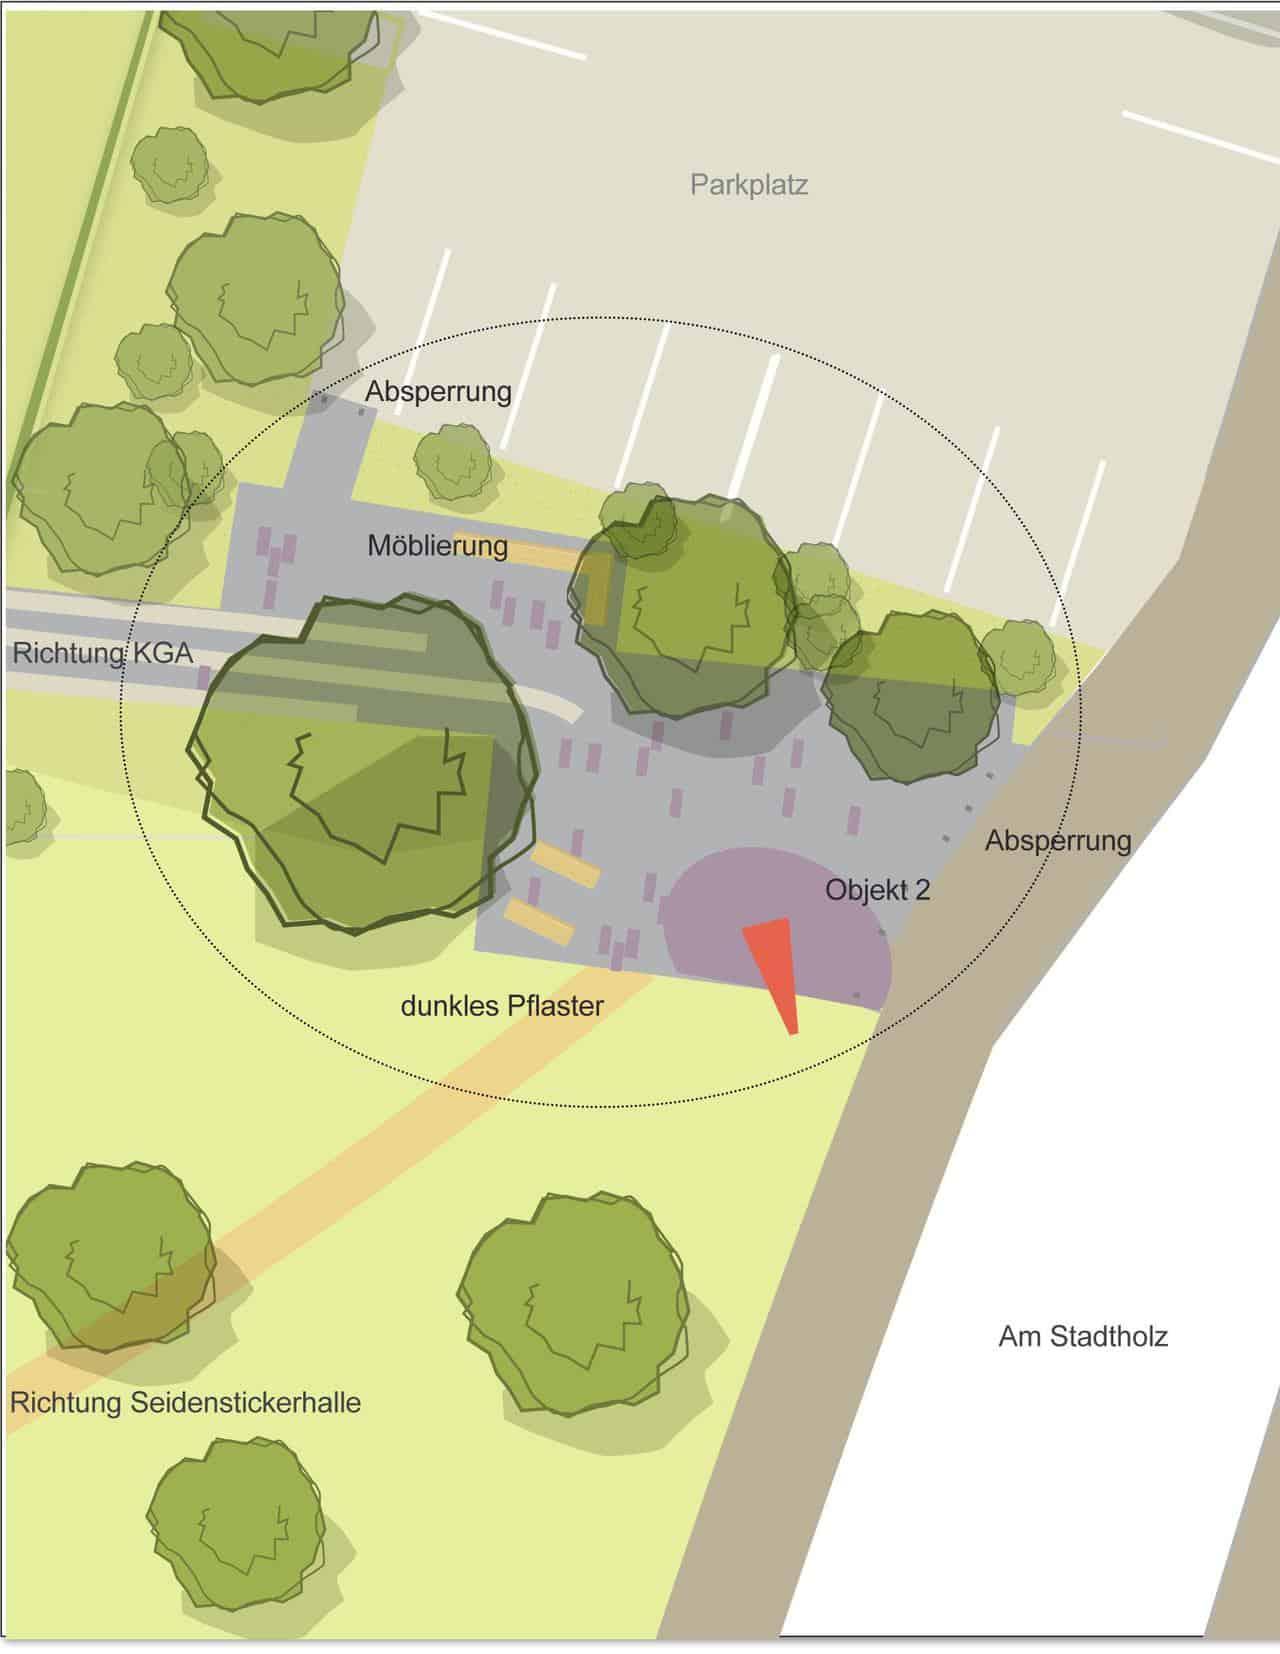 Partizipation in der Städteplanung - Entwurfsbeispiel